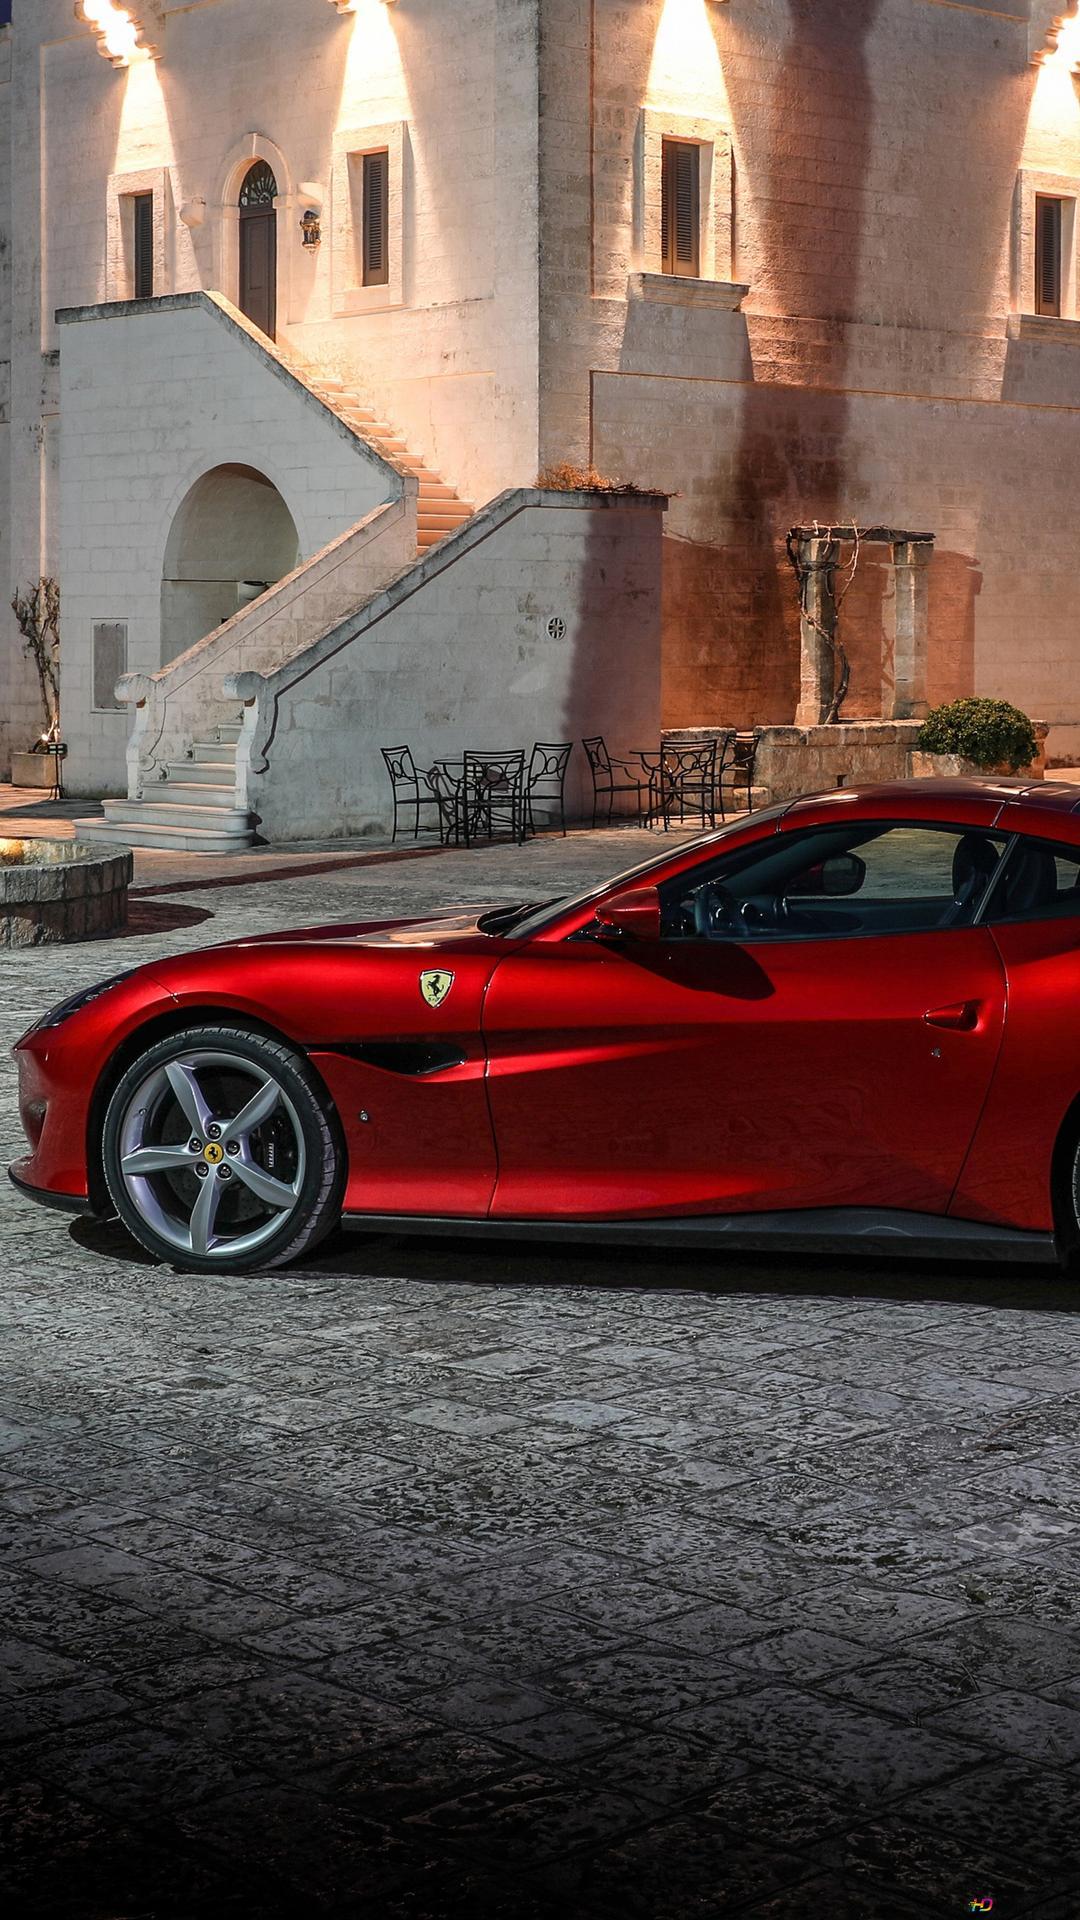 Ferrari Portofino Hd Wallpaper Download